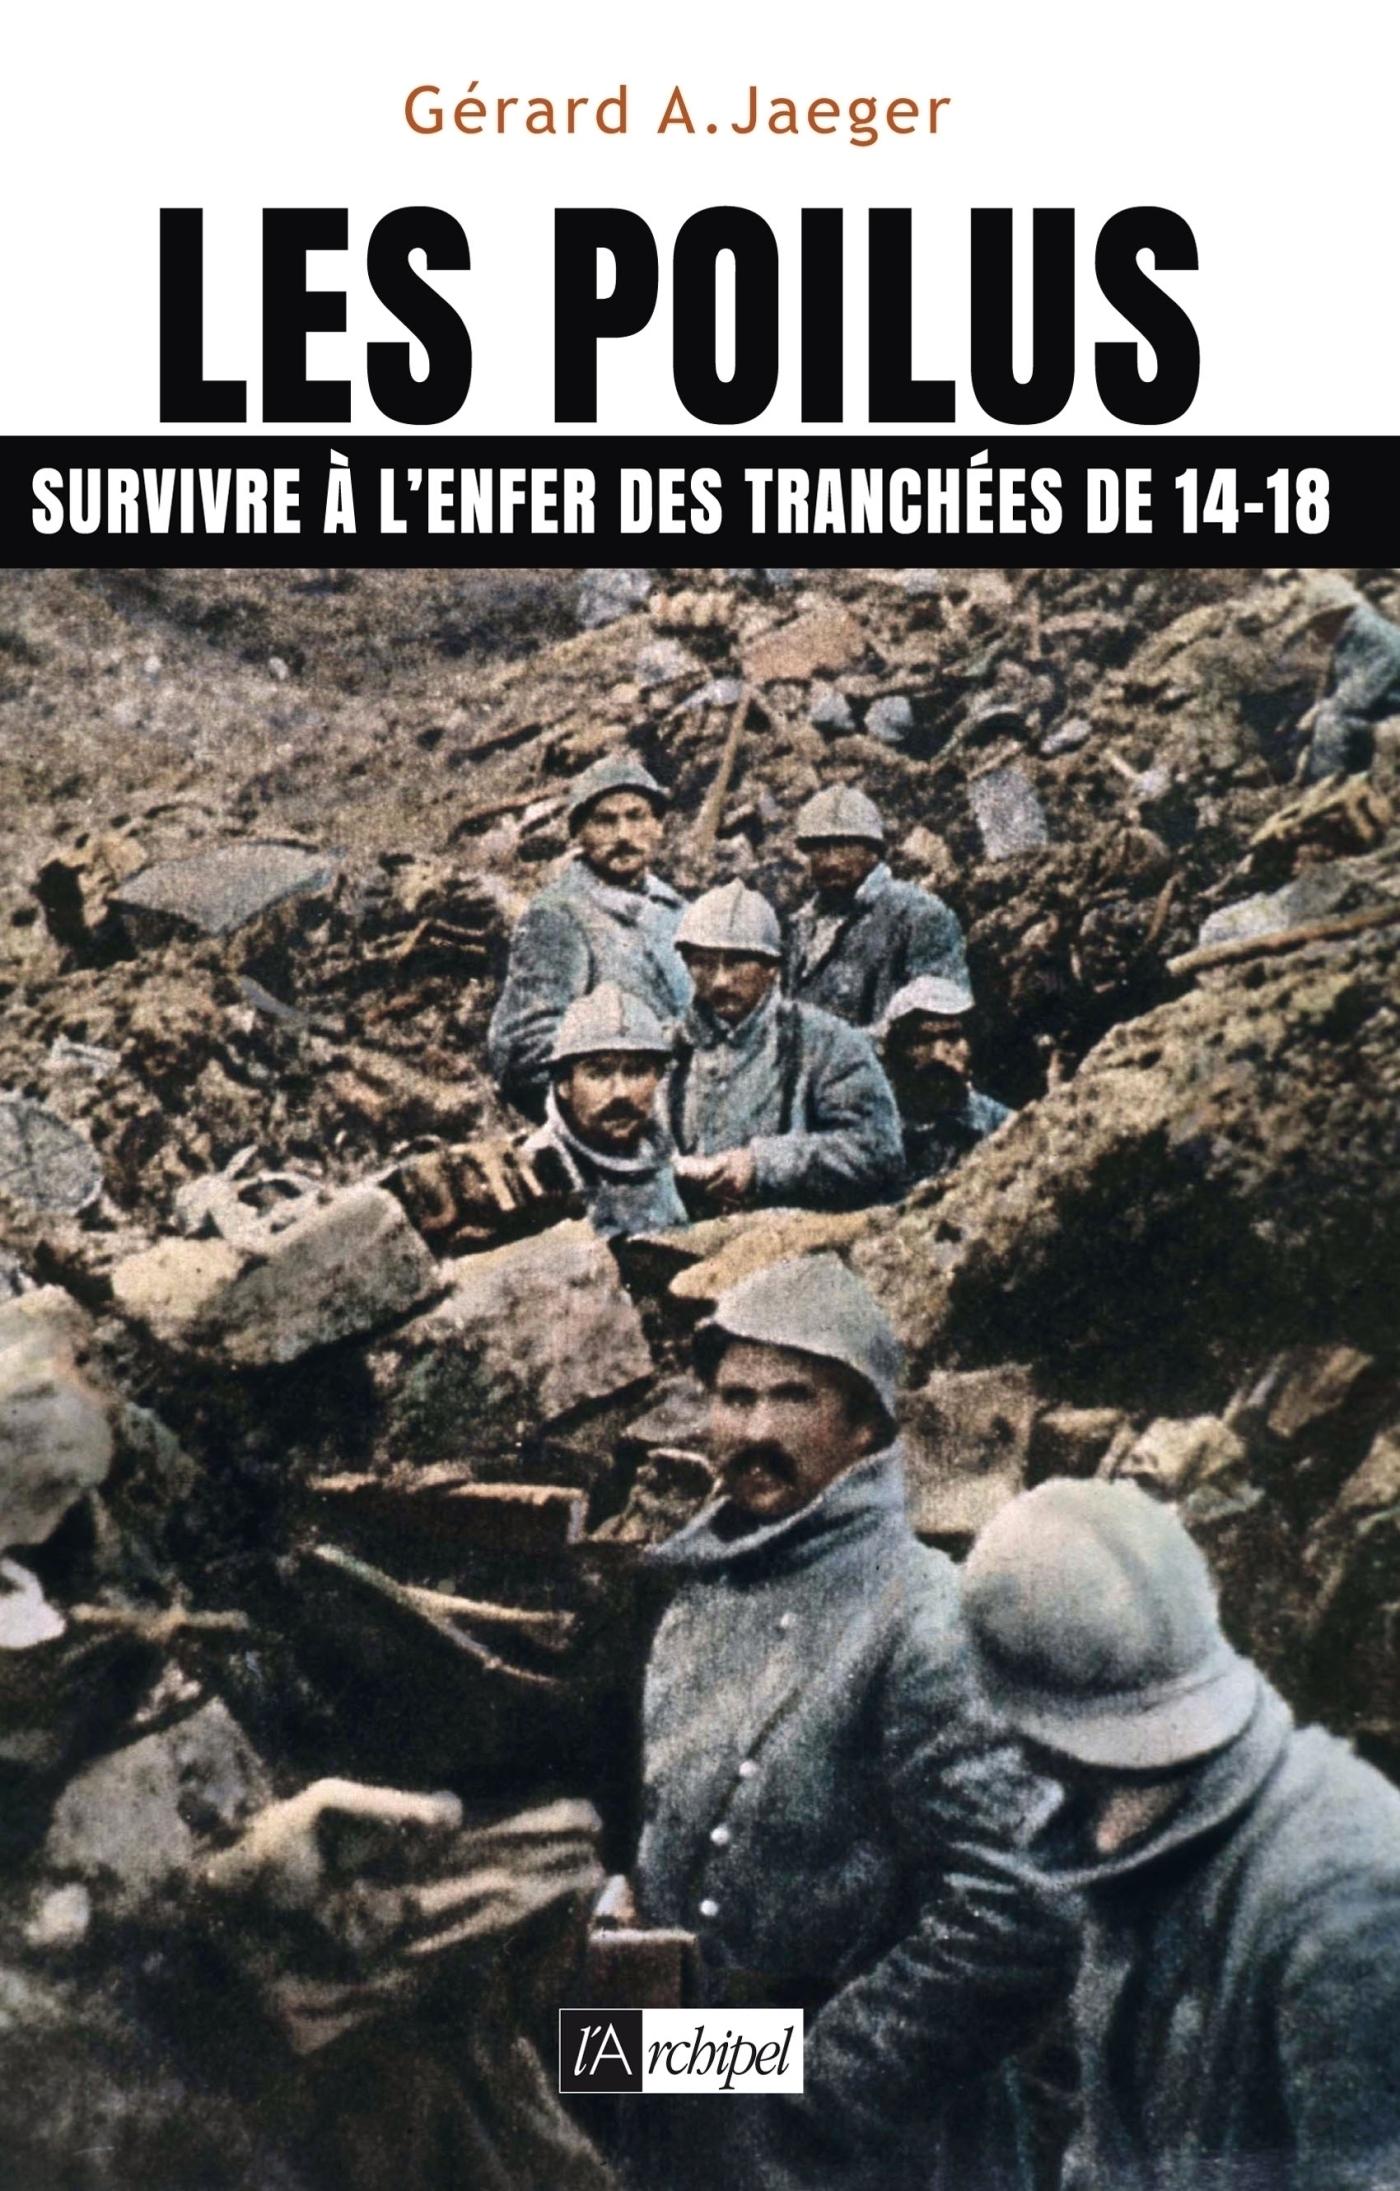 Les poilus - Survivre à l'enfer des tranchées de 14-18